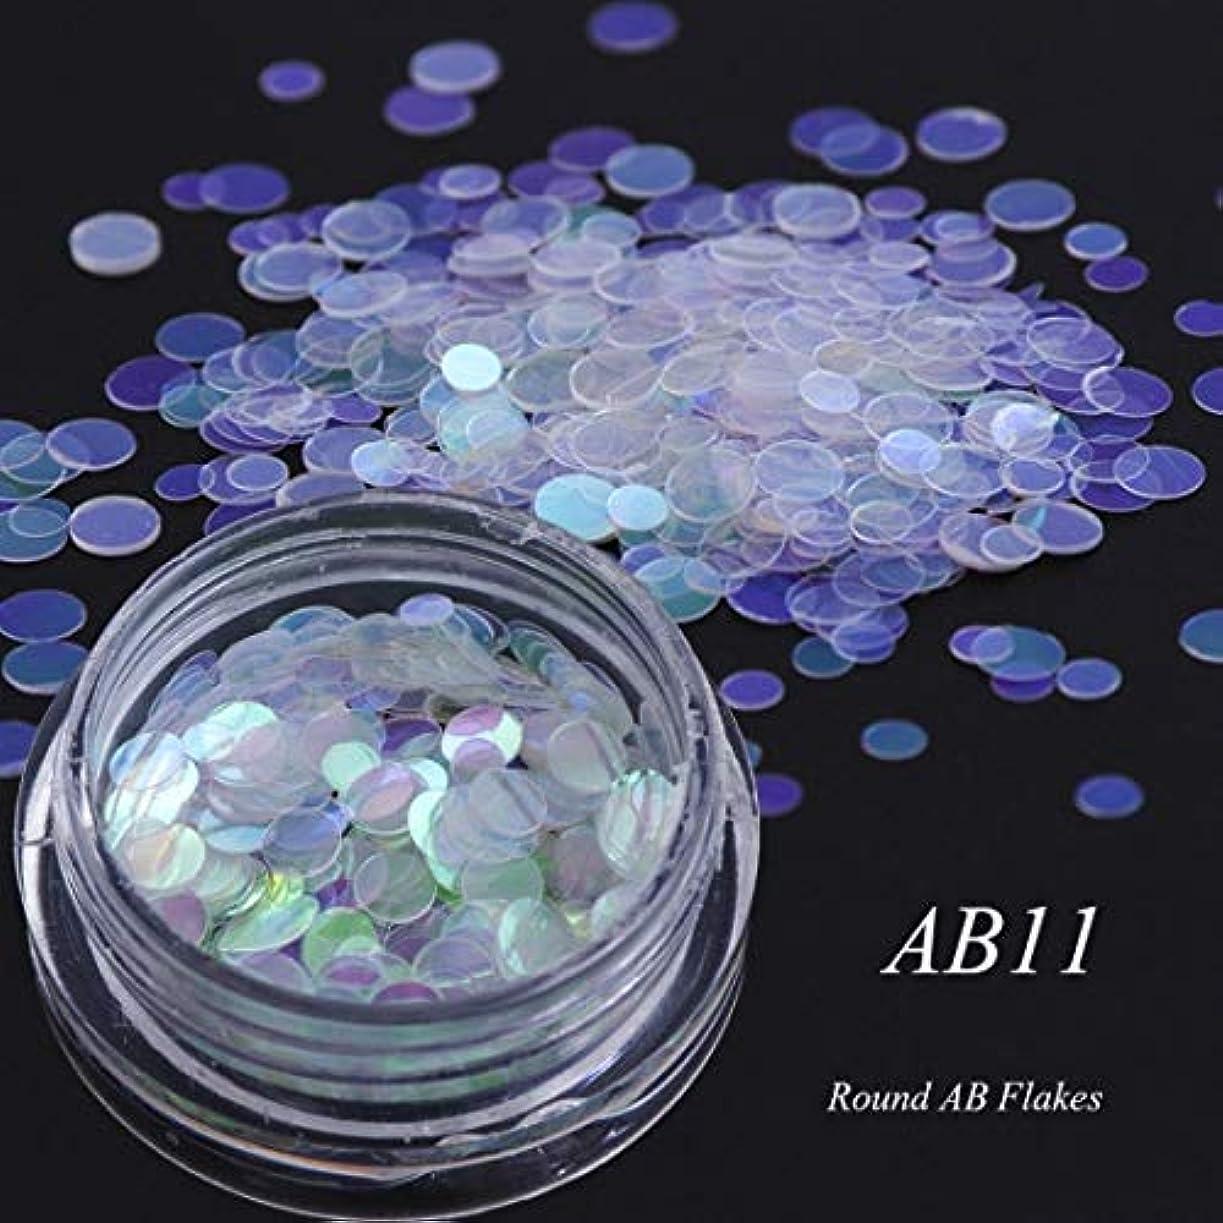 先見の明フォアマンバッジYan 3個のカメレオンカラースパンコールネイルアートグリッターフレークUVジェル装飾ツール(AB01) (色 : AB11)